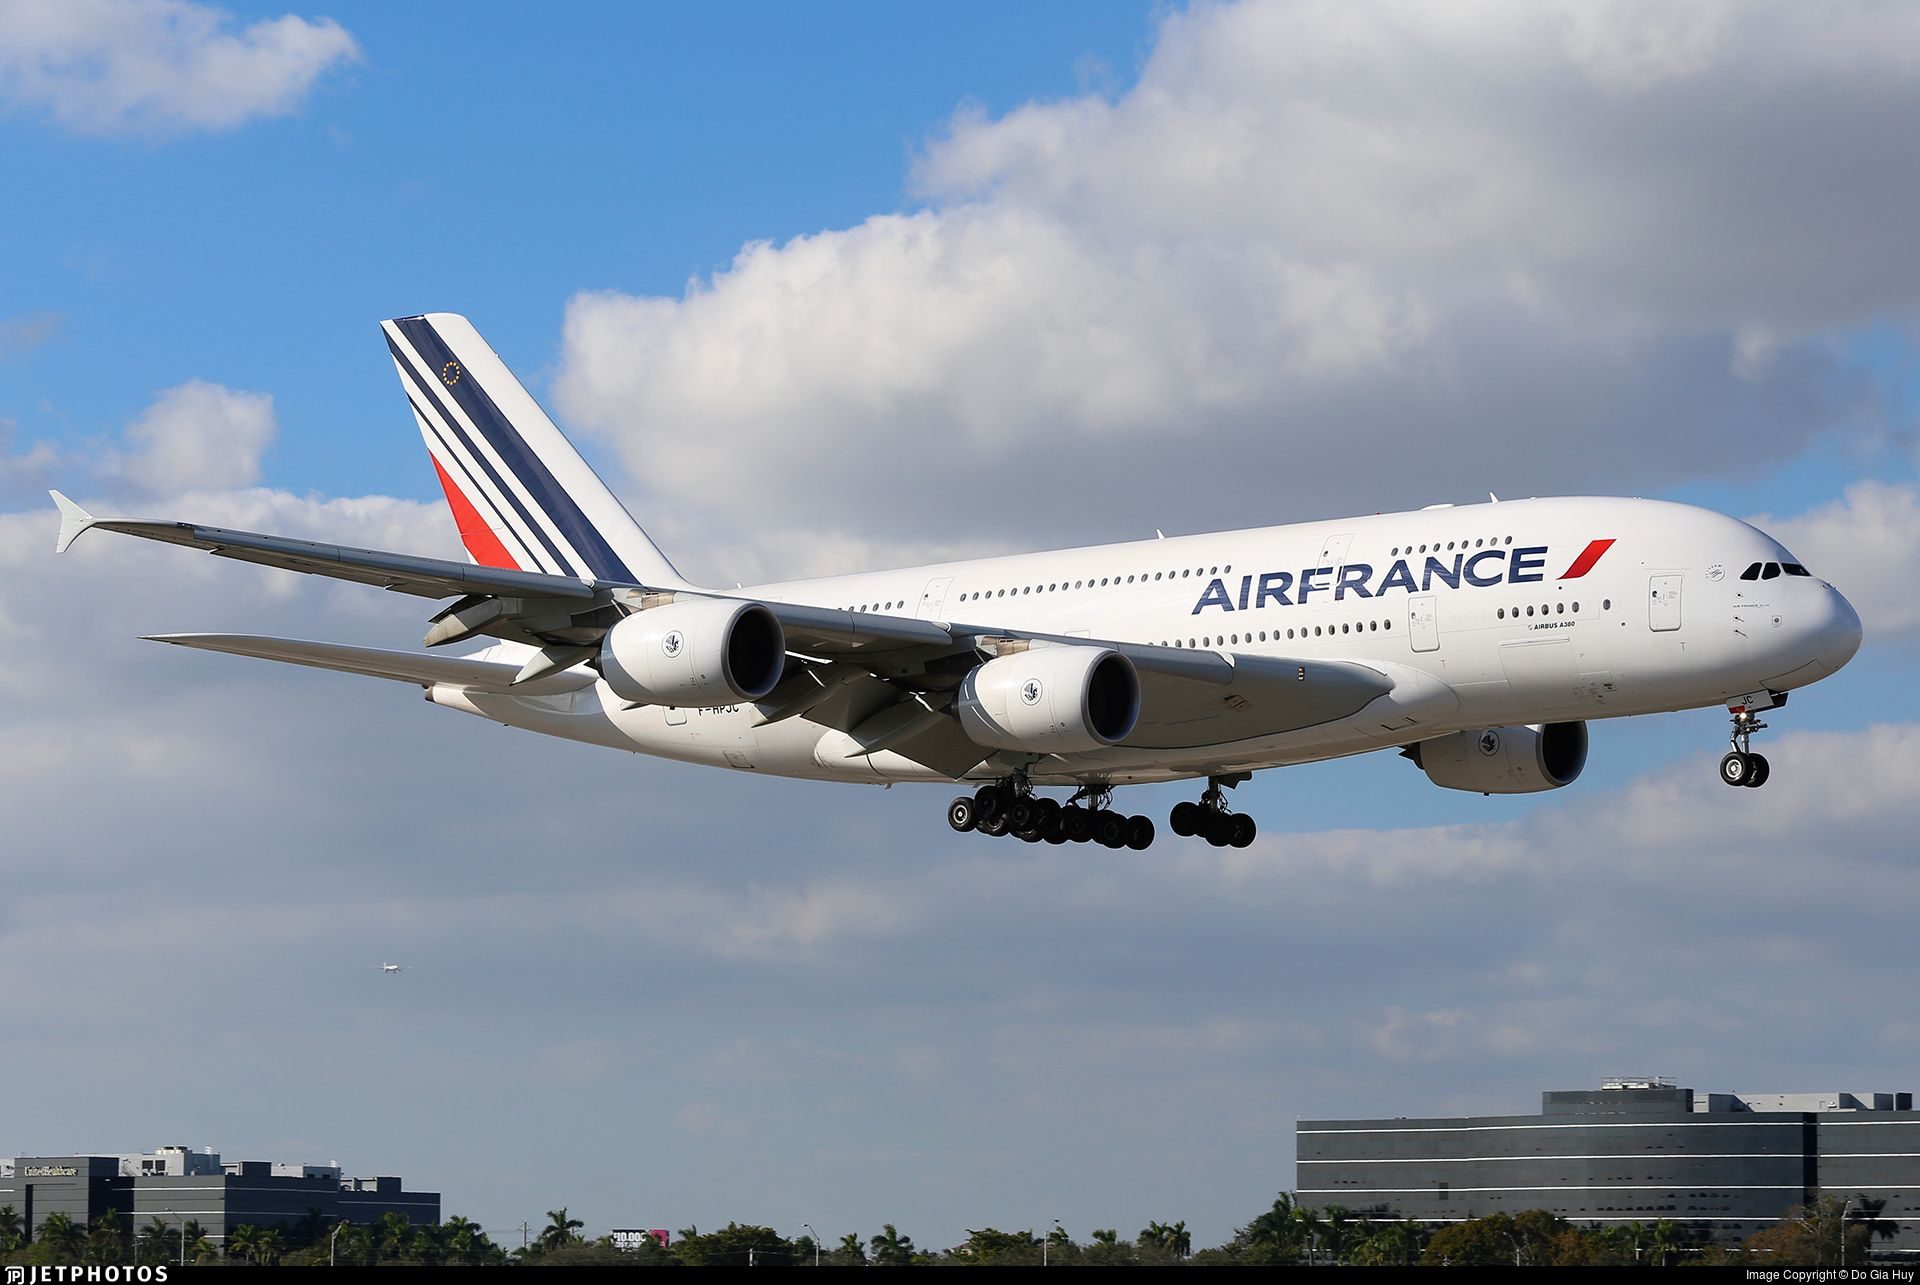 FHPJC Air france, Airbus a380, Airbus